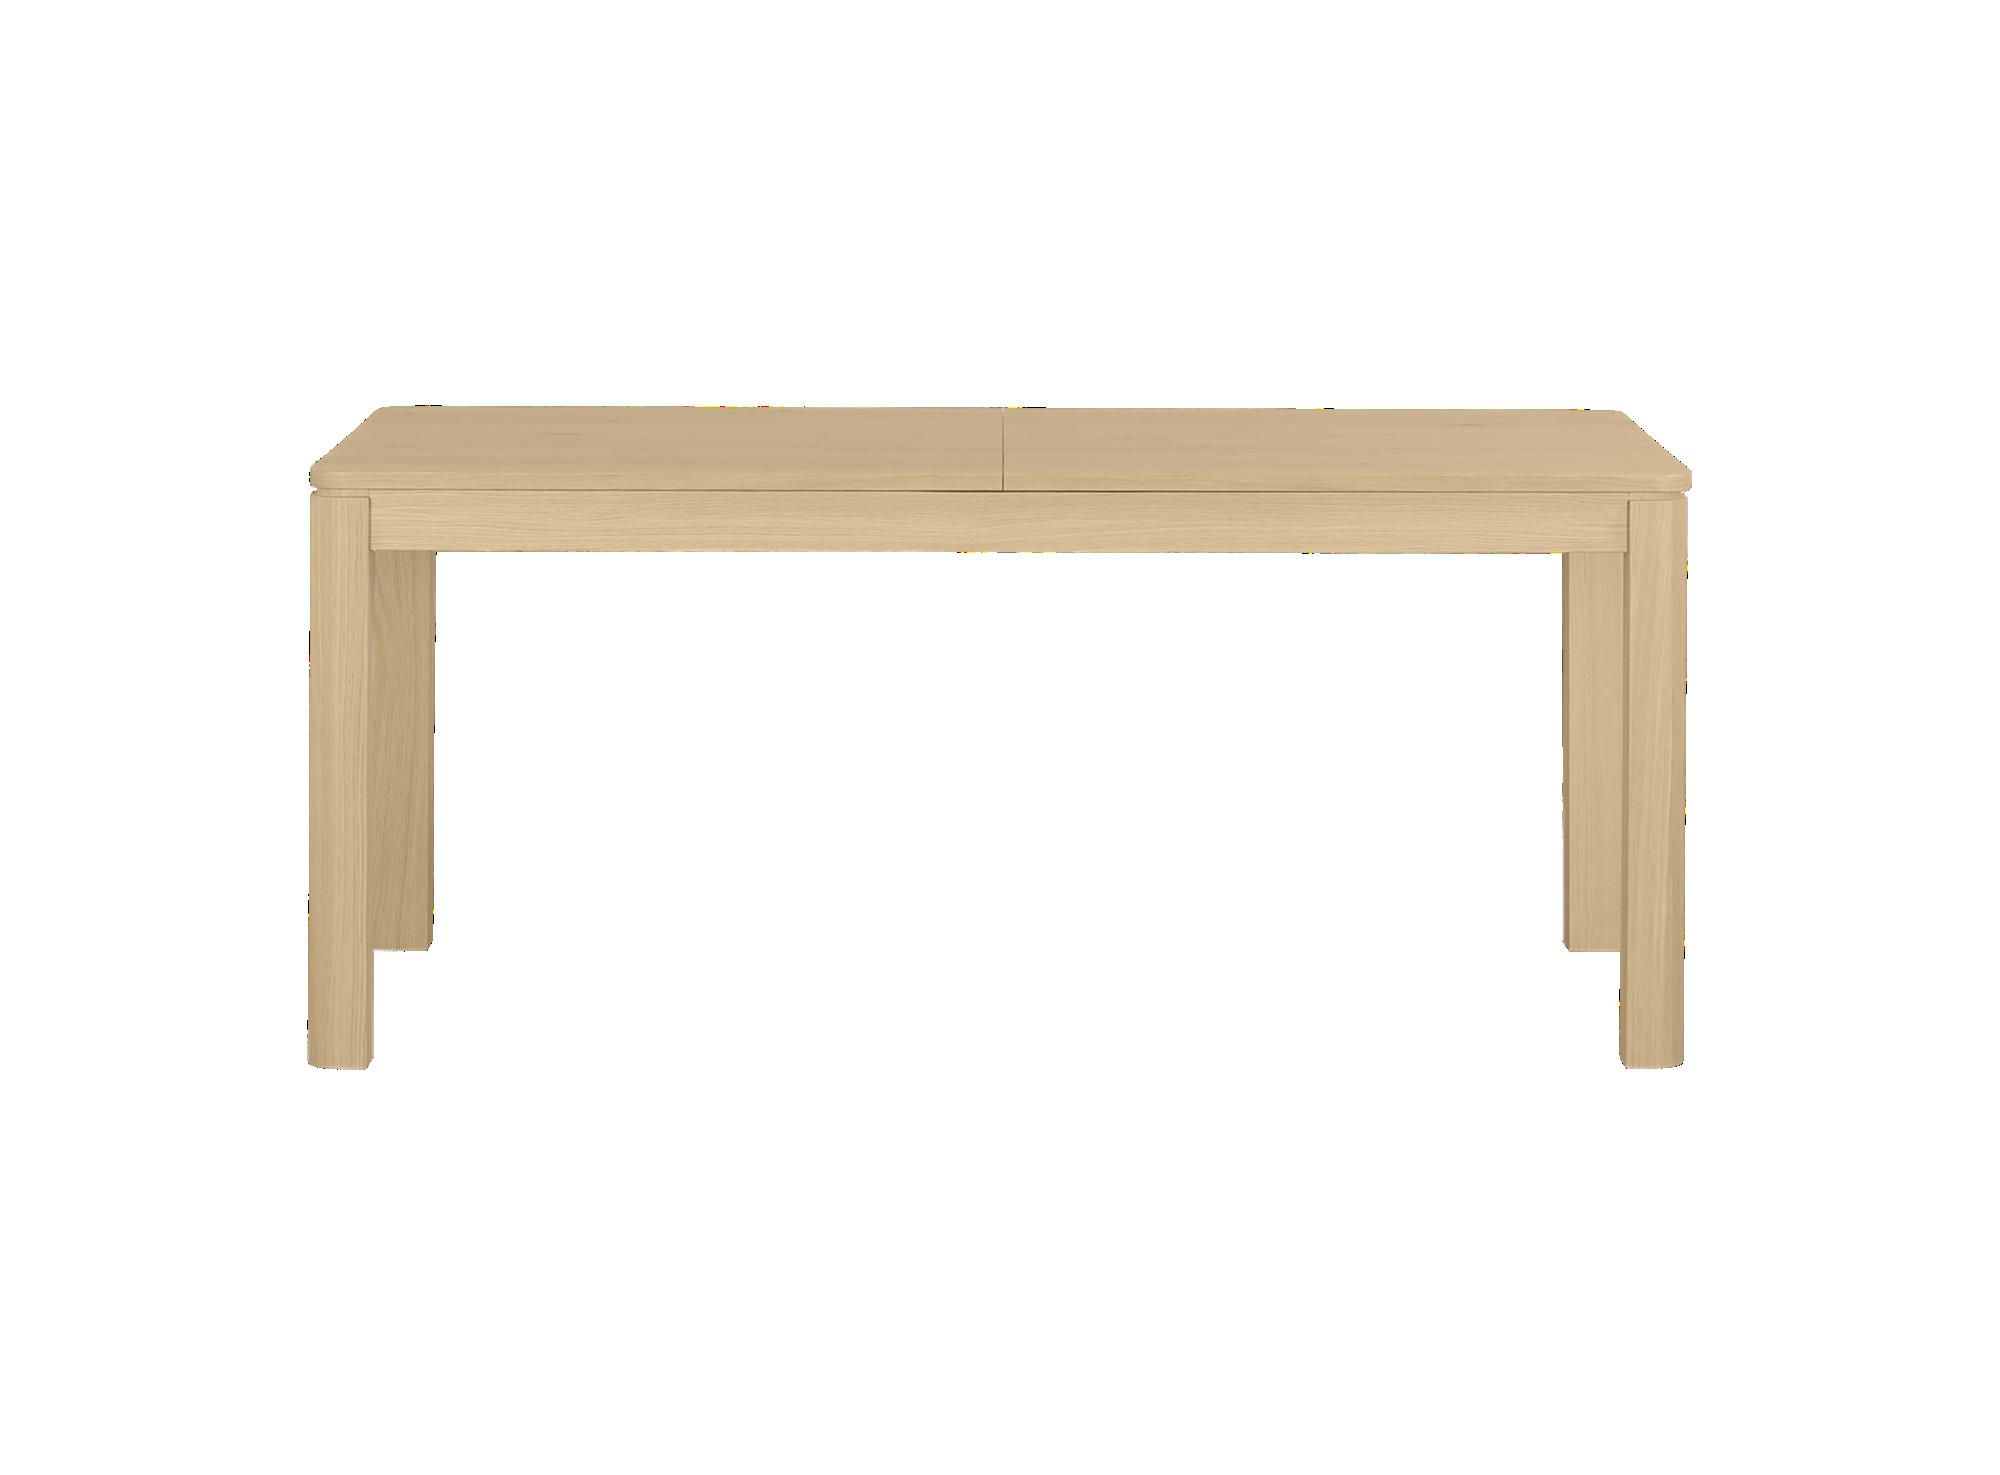 Table rectangulaire 2 allonges incluses. plateau, pieds et 2 allonges ...